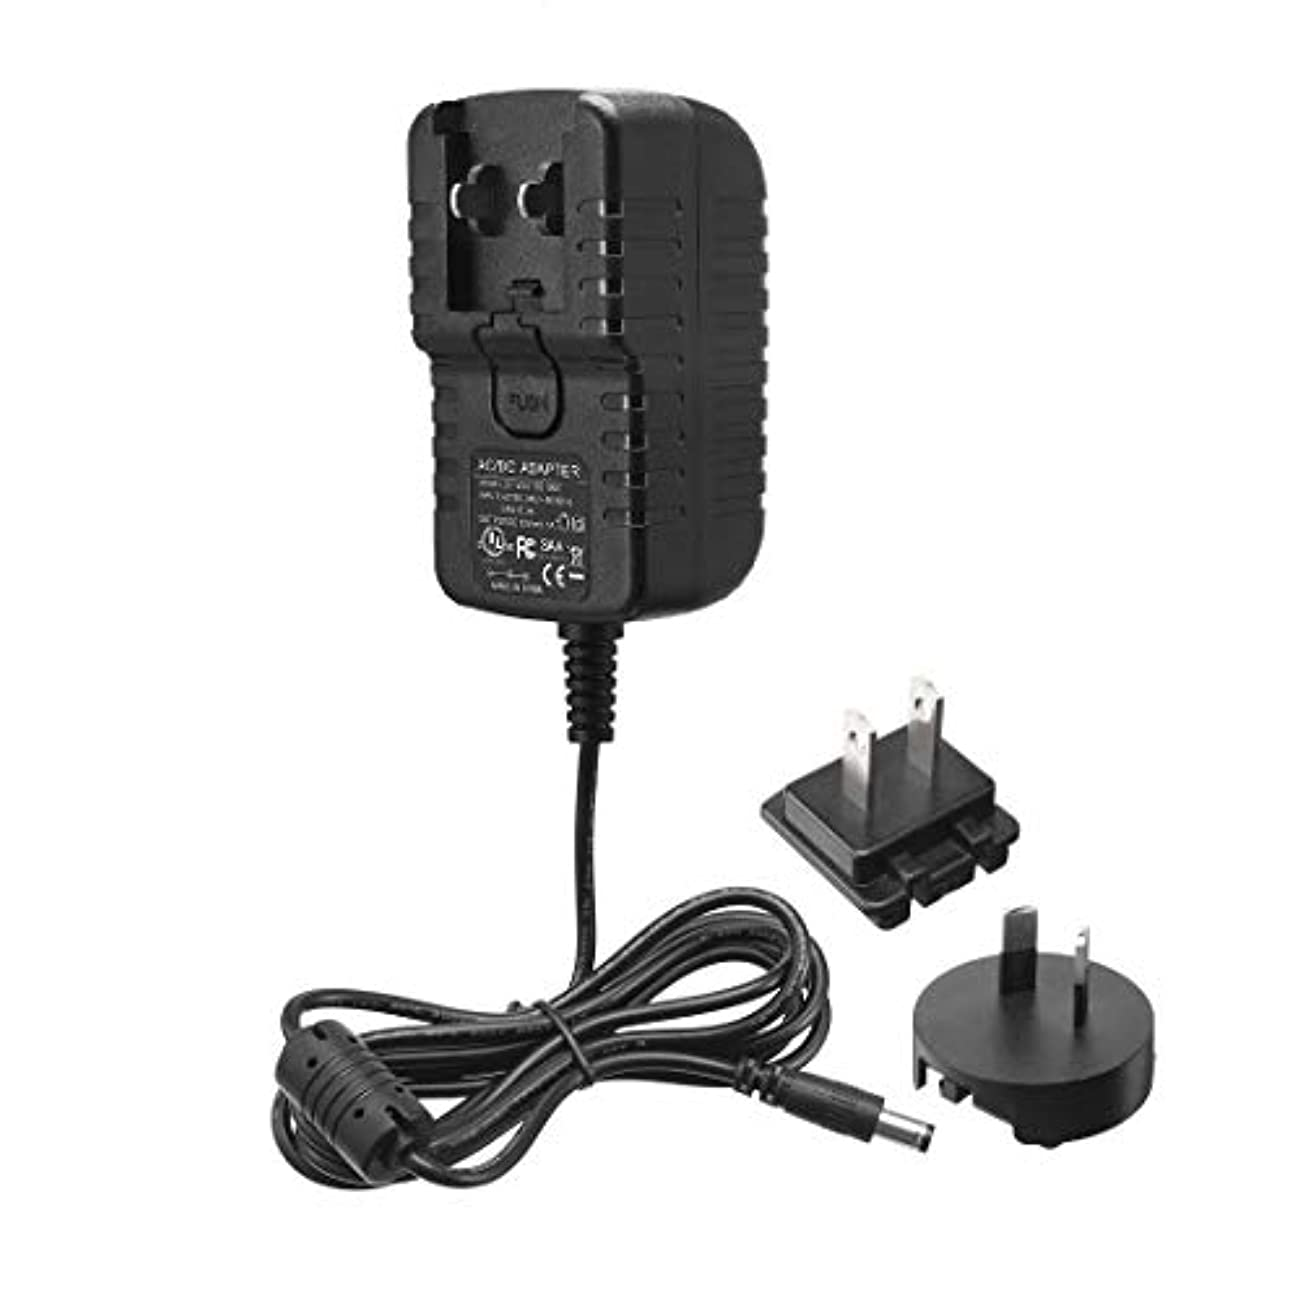 それら検索白鳥eDealMax米国AUプラグDC 12V 1A 12Wオス2.1 x 5.5mm DCプラグ主電源アダプター用LEDライトワイヤレスルーターLCD CCTVカメラ